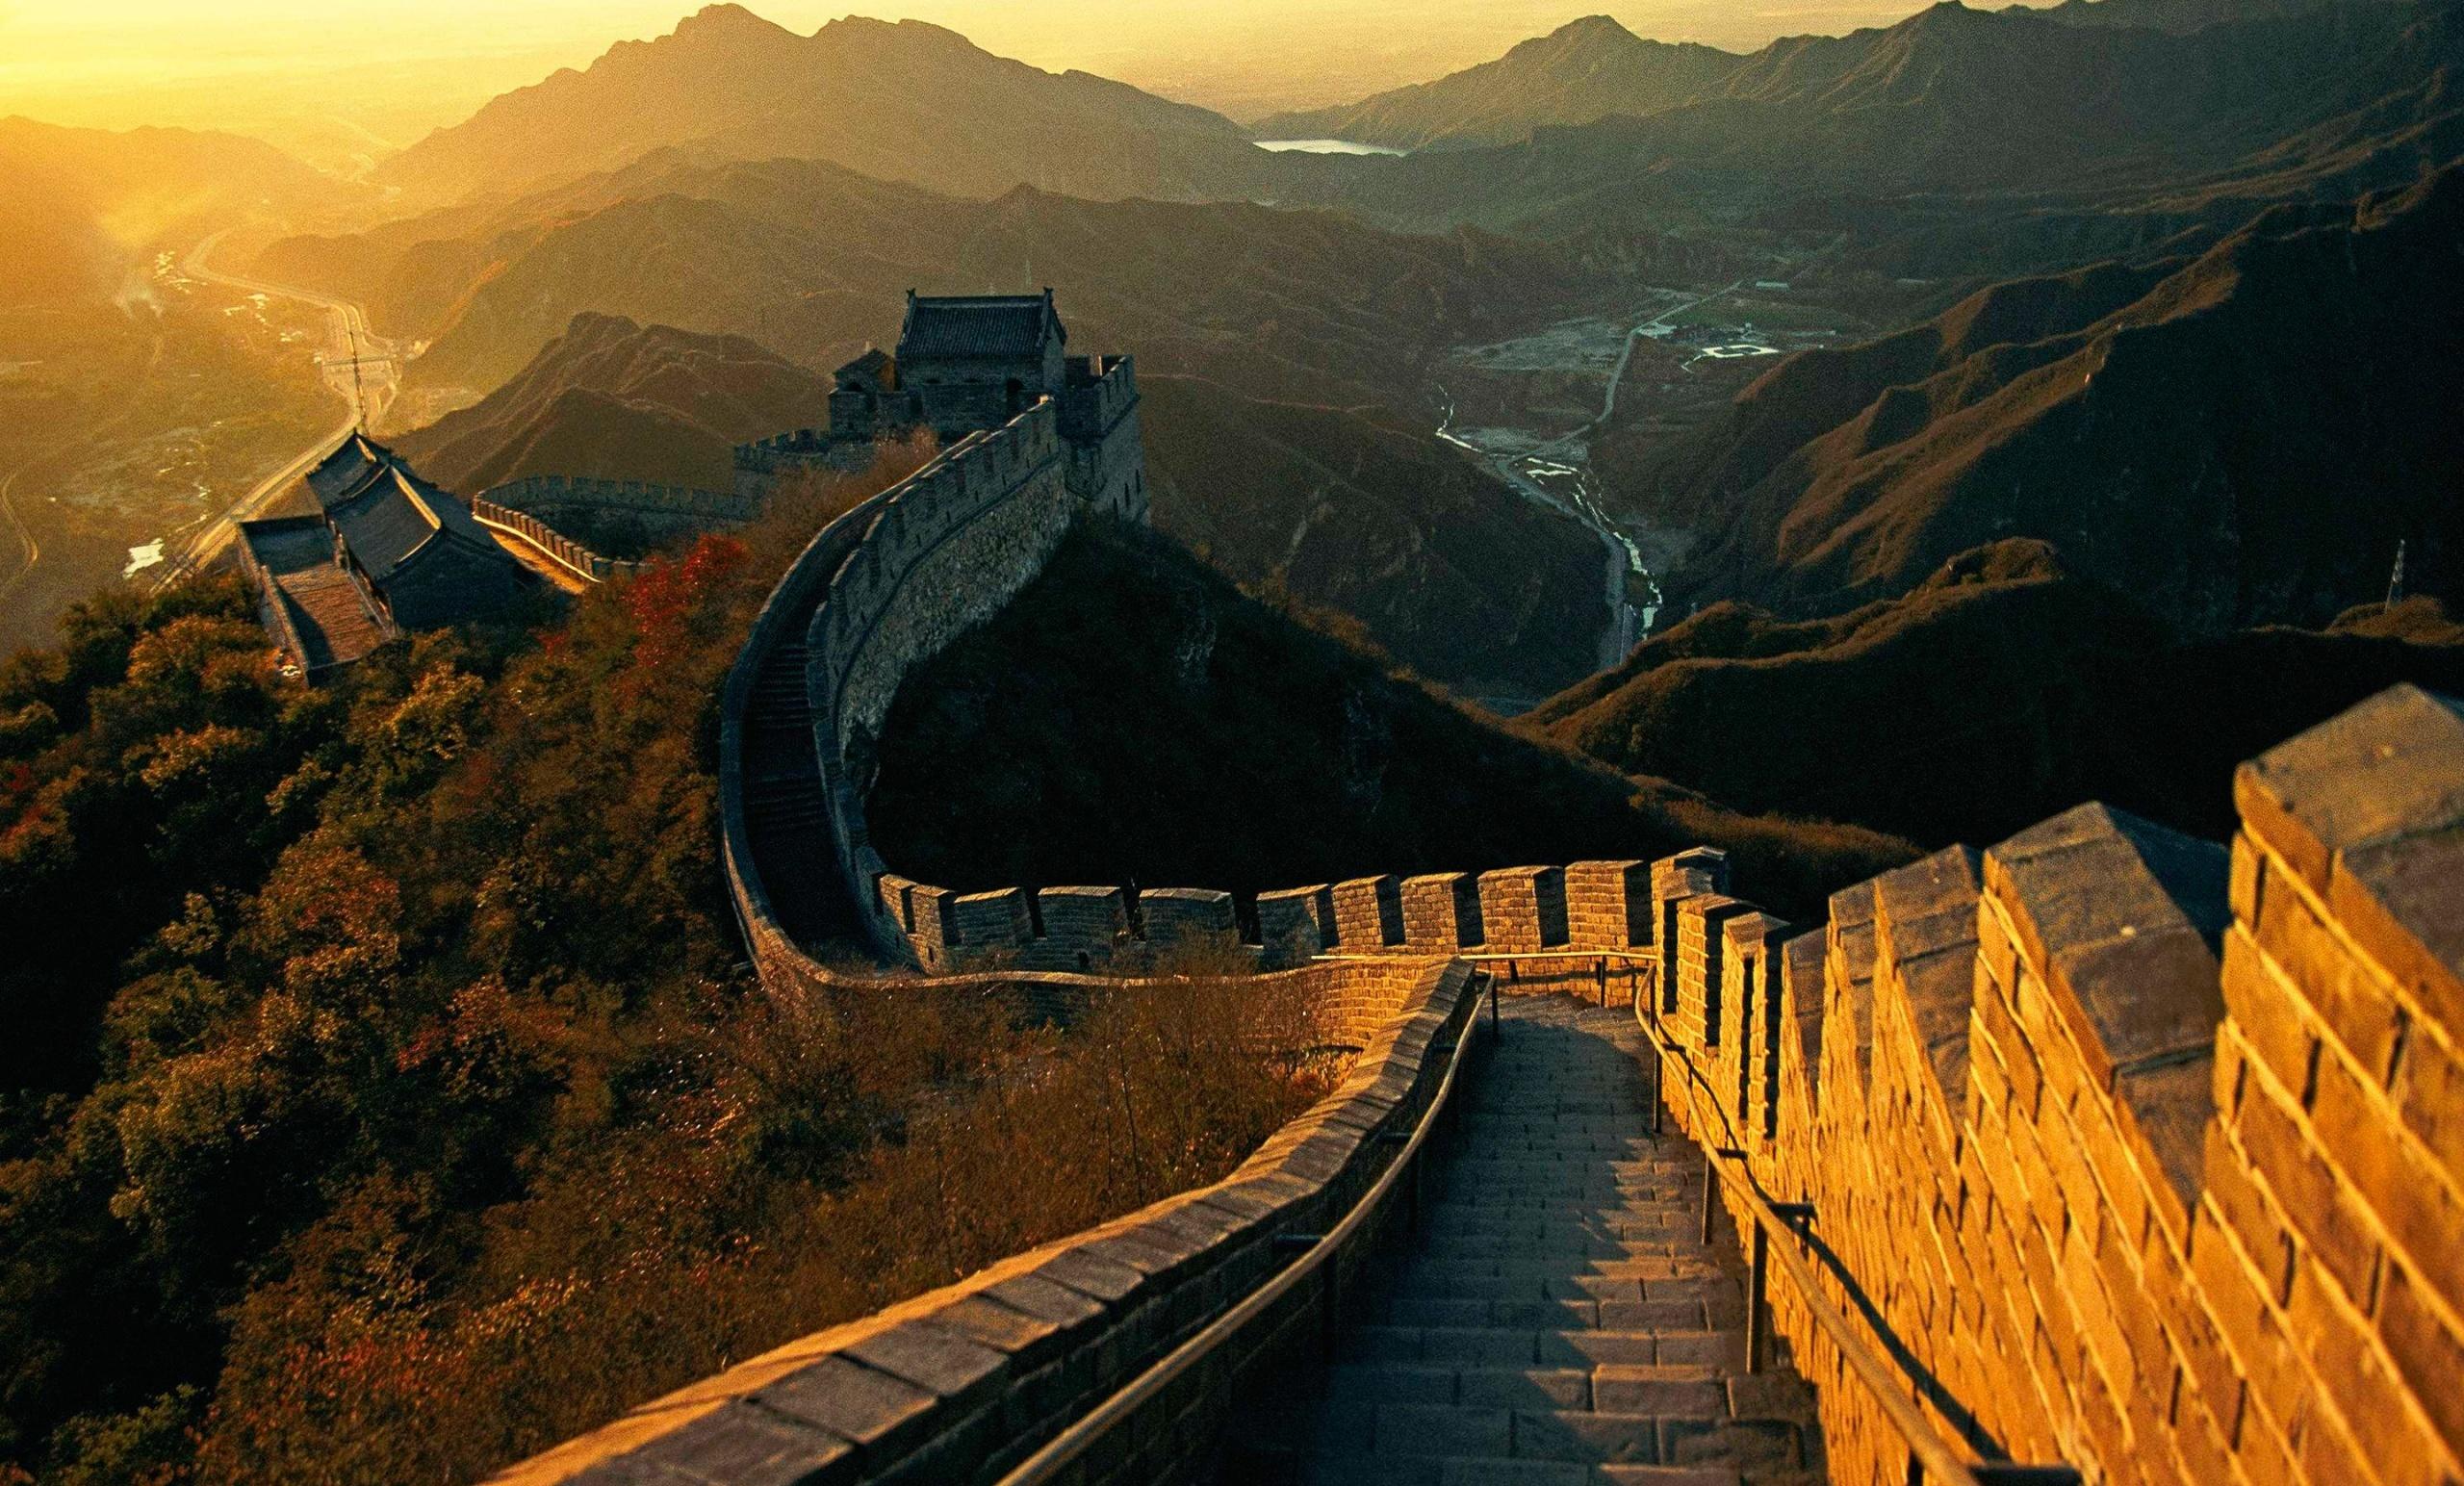 The Great Wall Of China Wallpaper Wallpapersafari